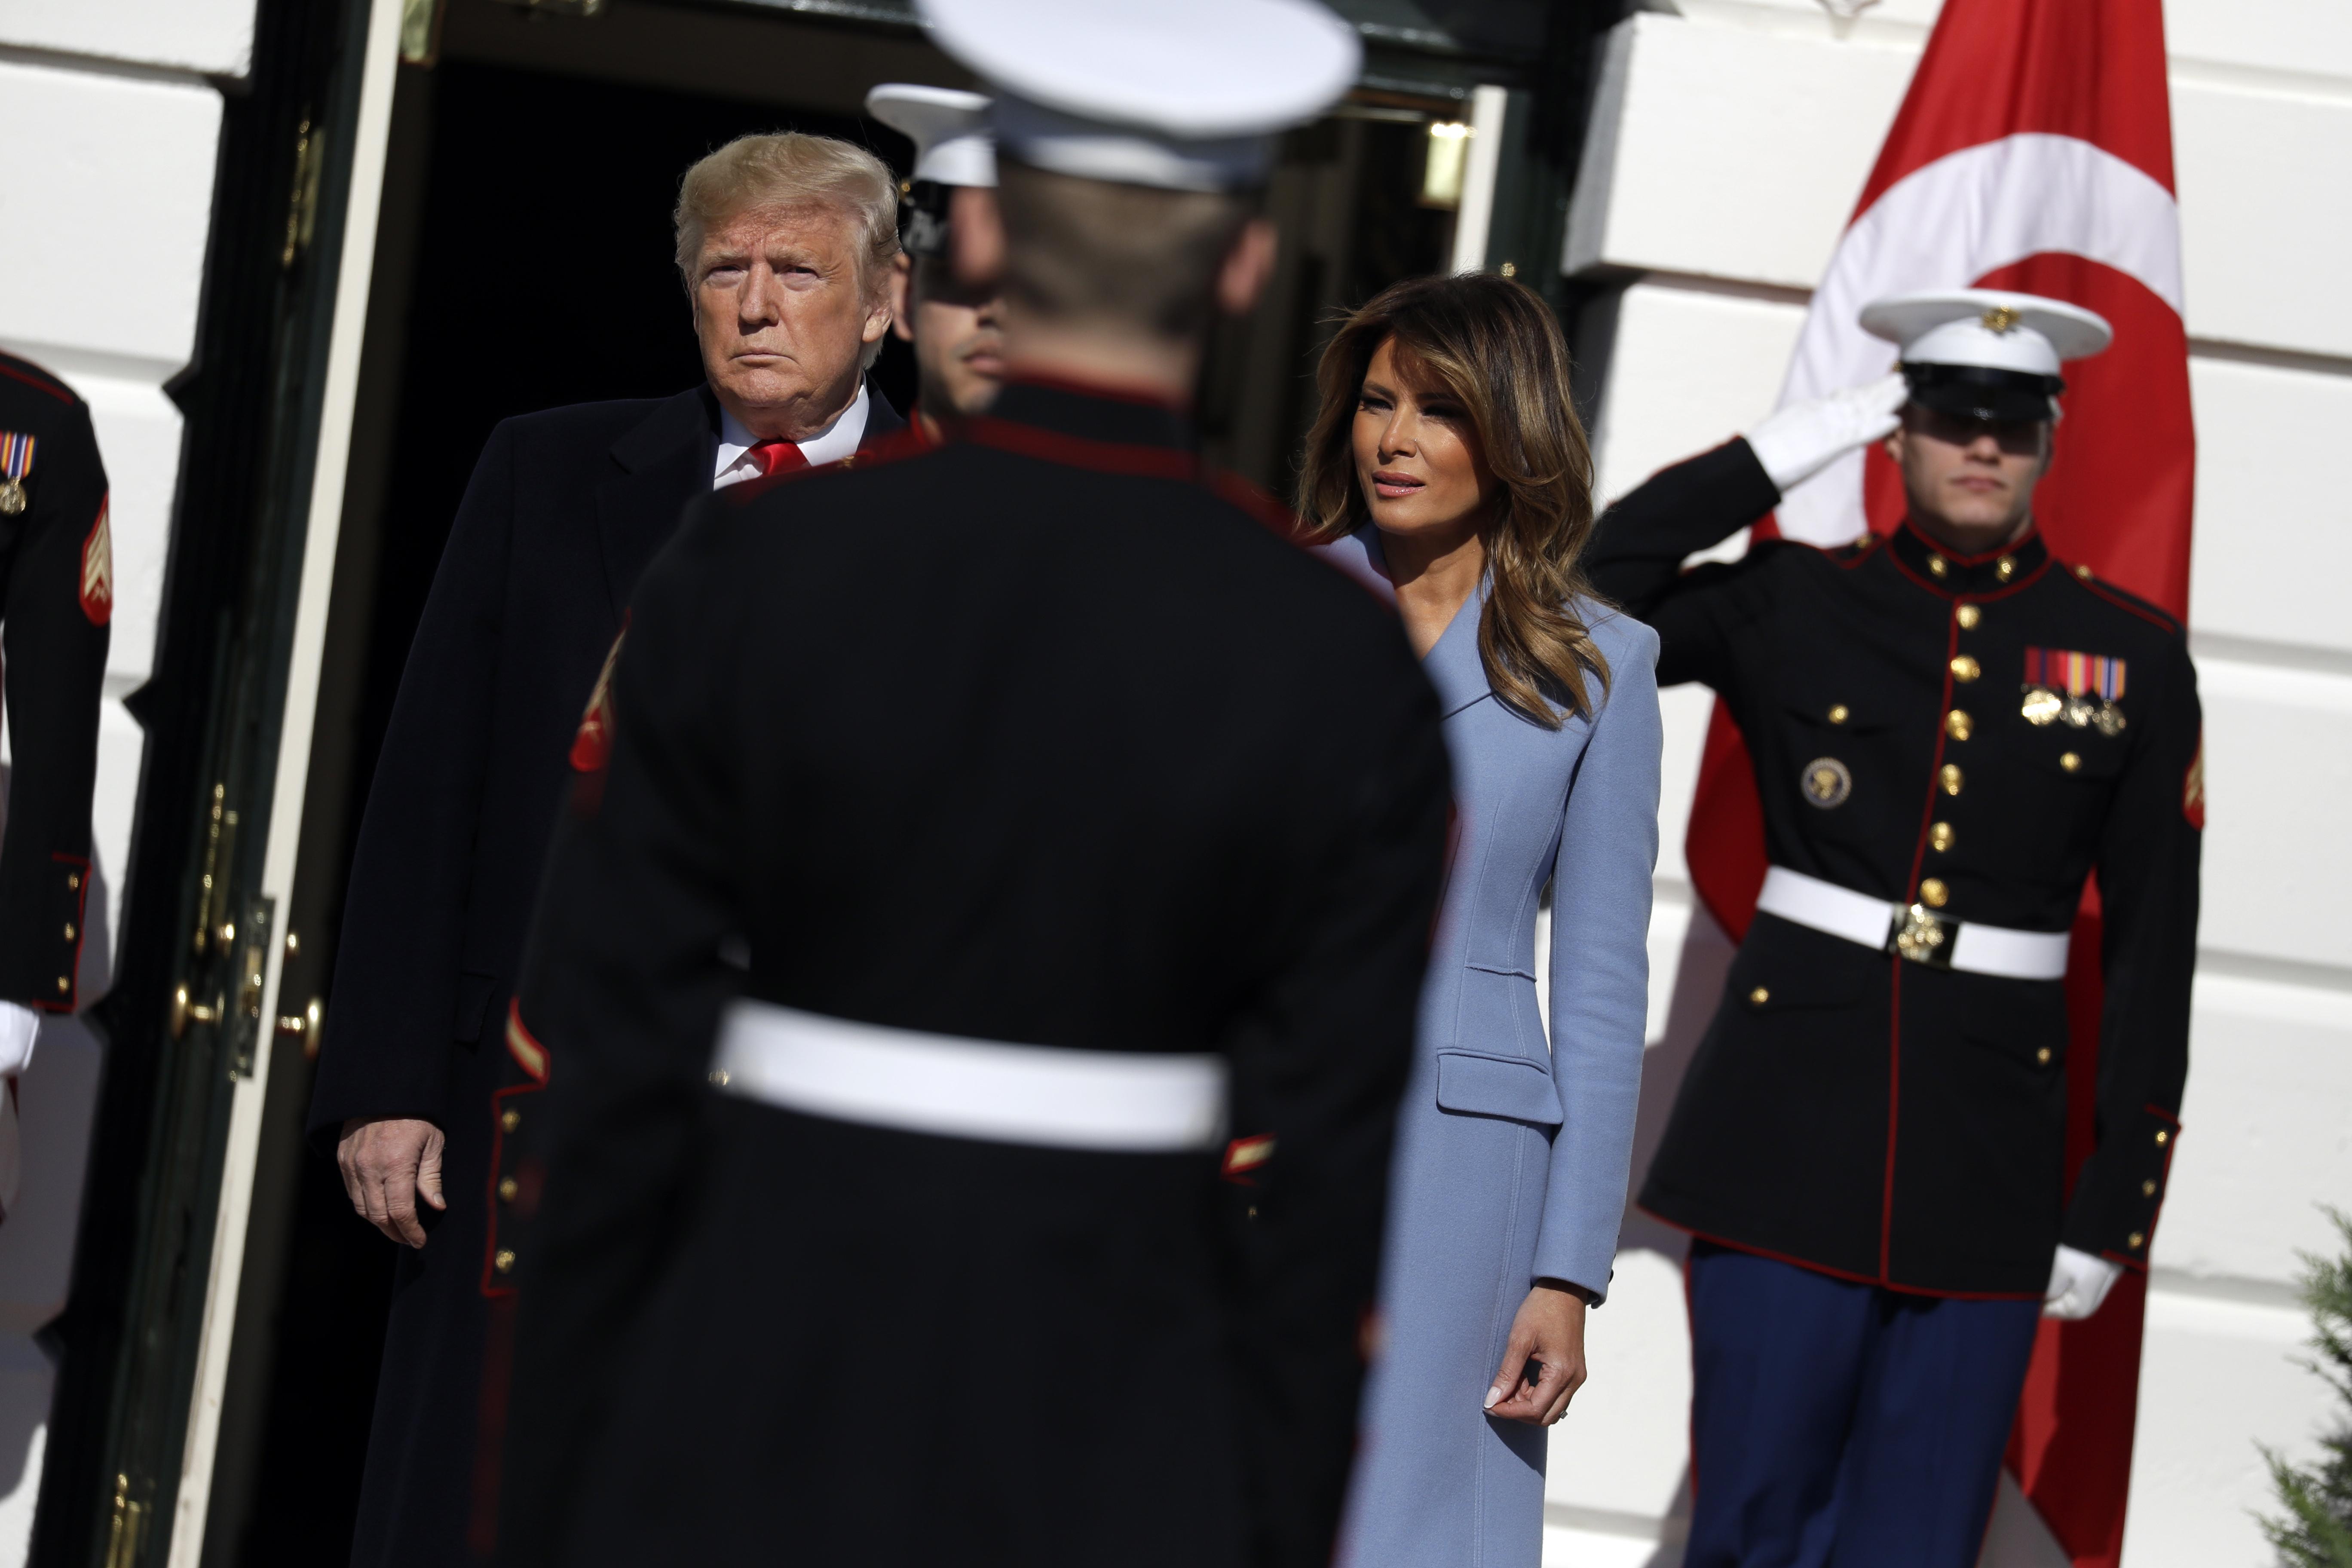 Trump hosts Turkey's Erdogan at White House for talks